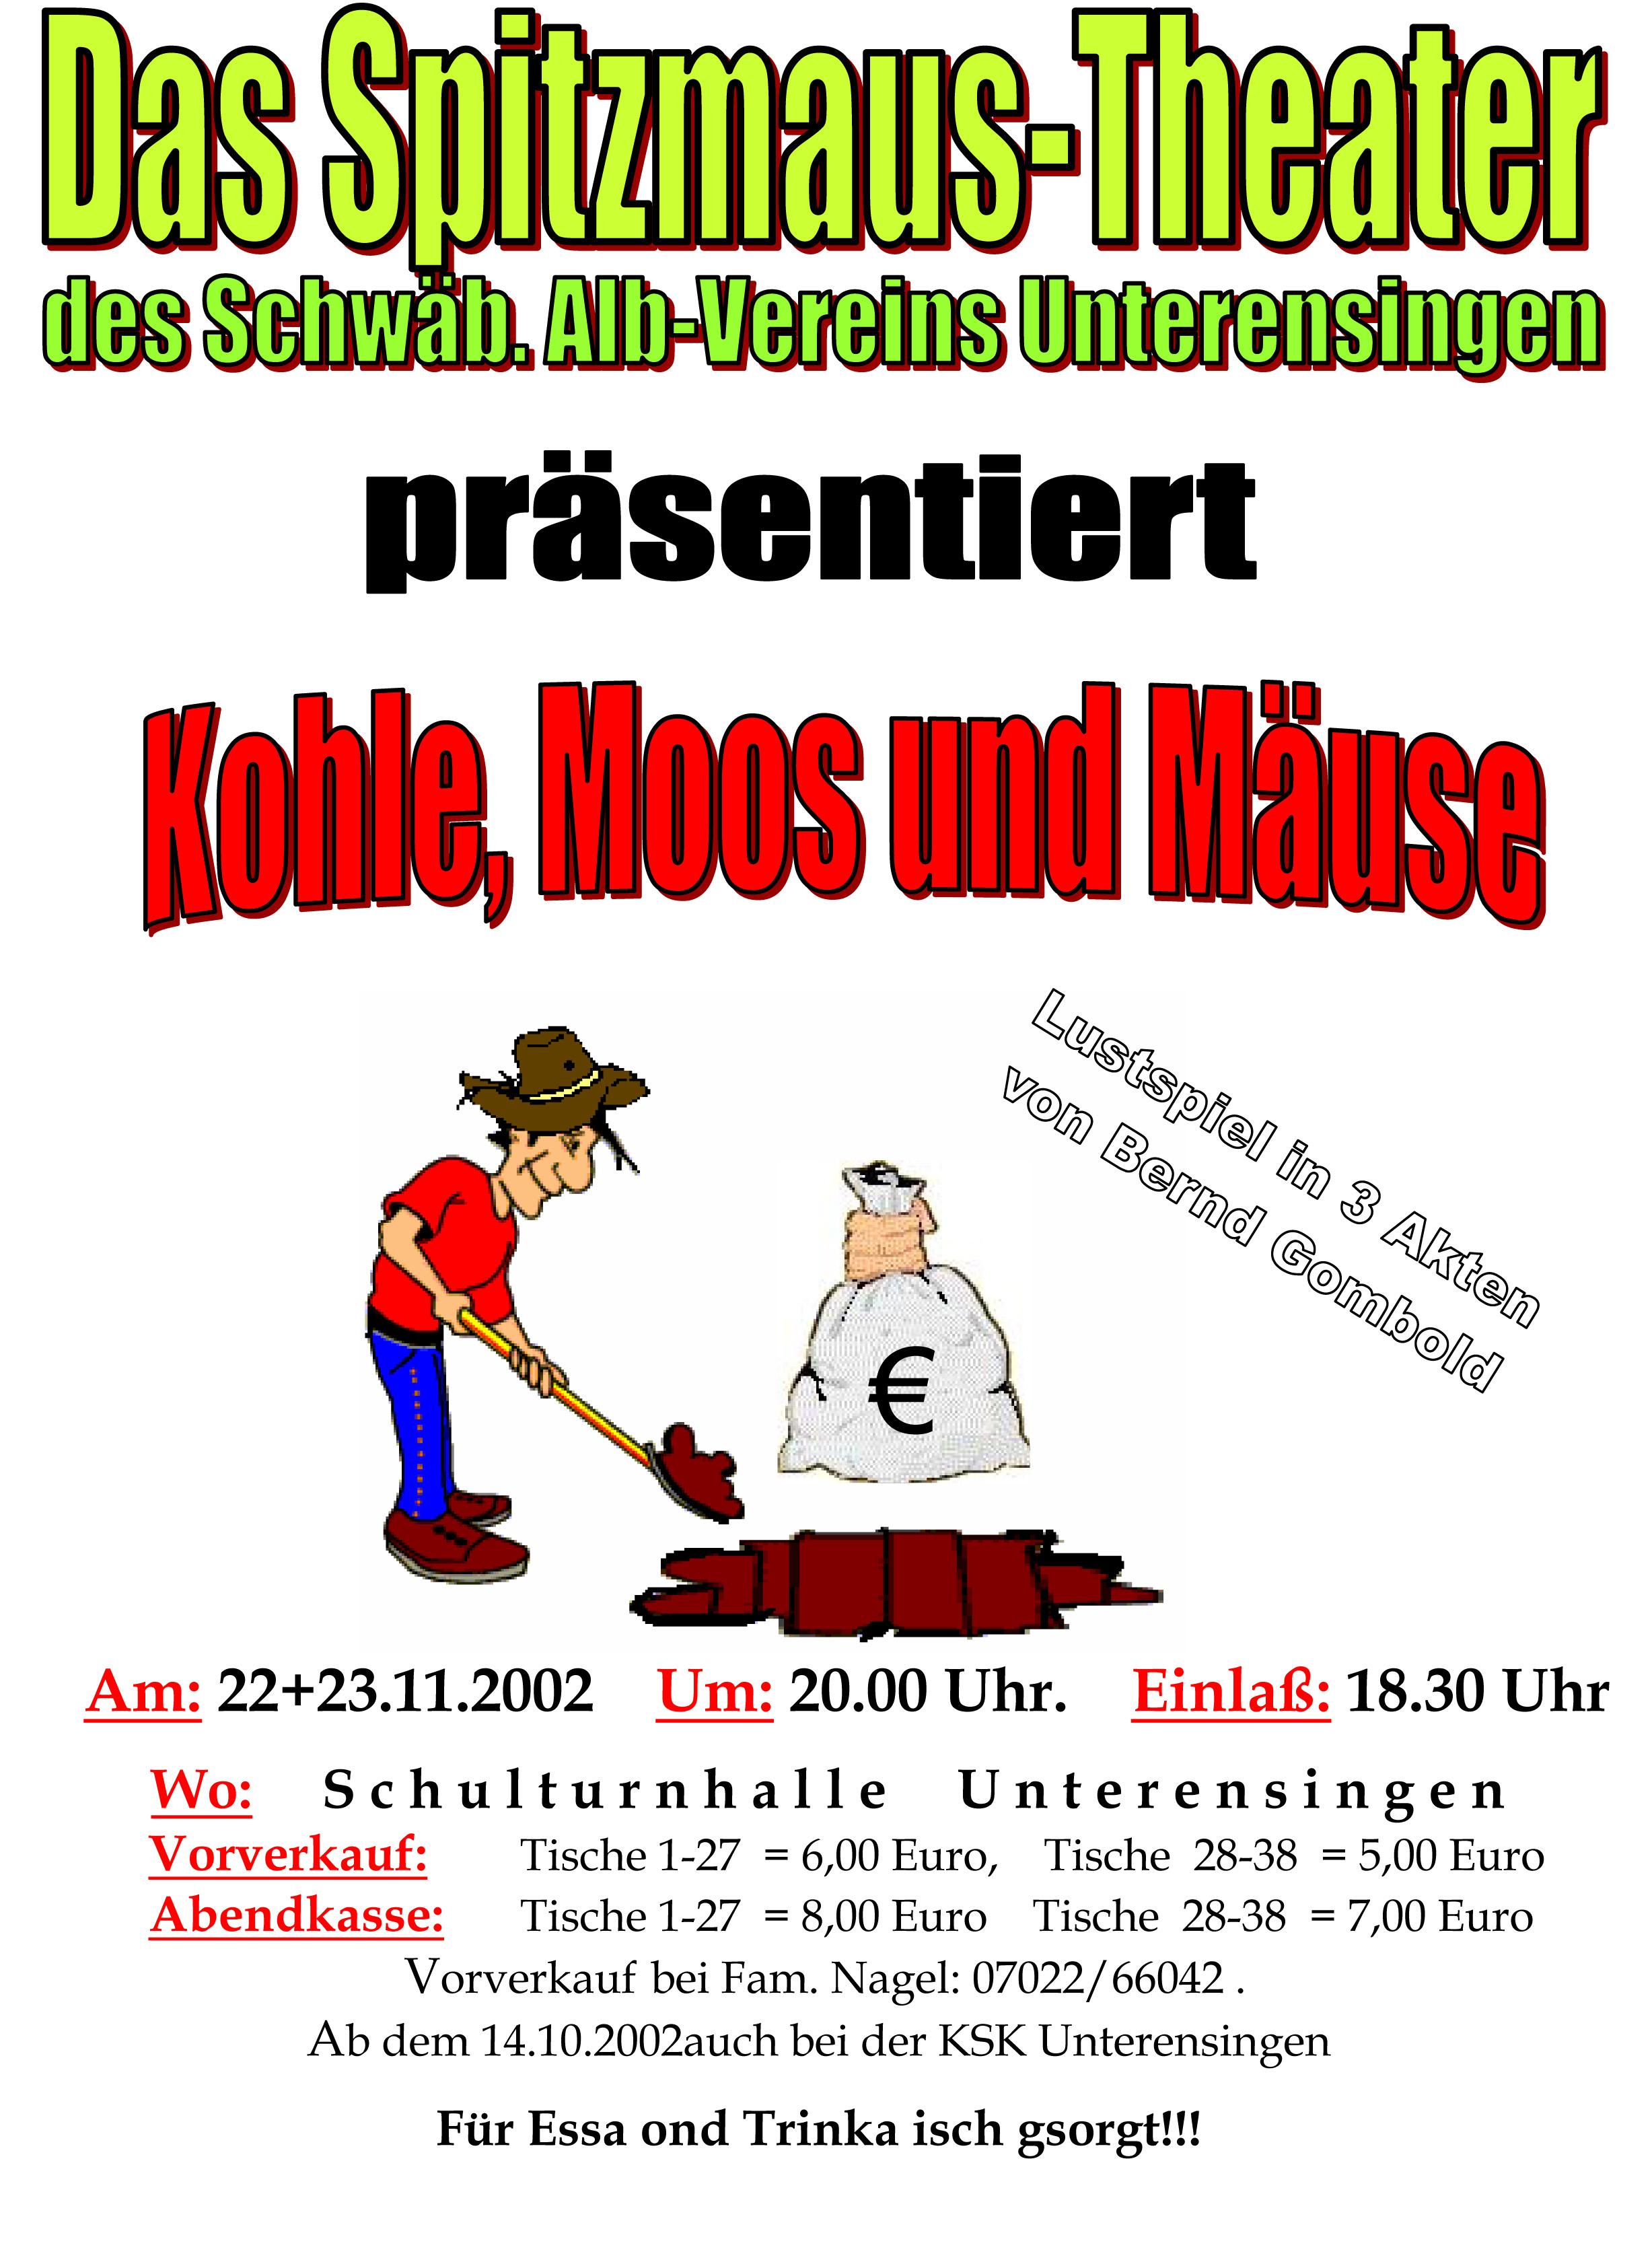 Plakat_2002_Kohle-Moos-M.use